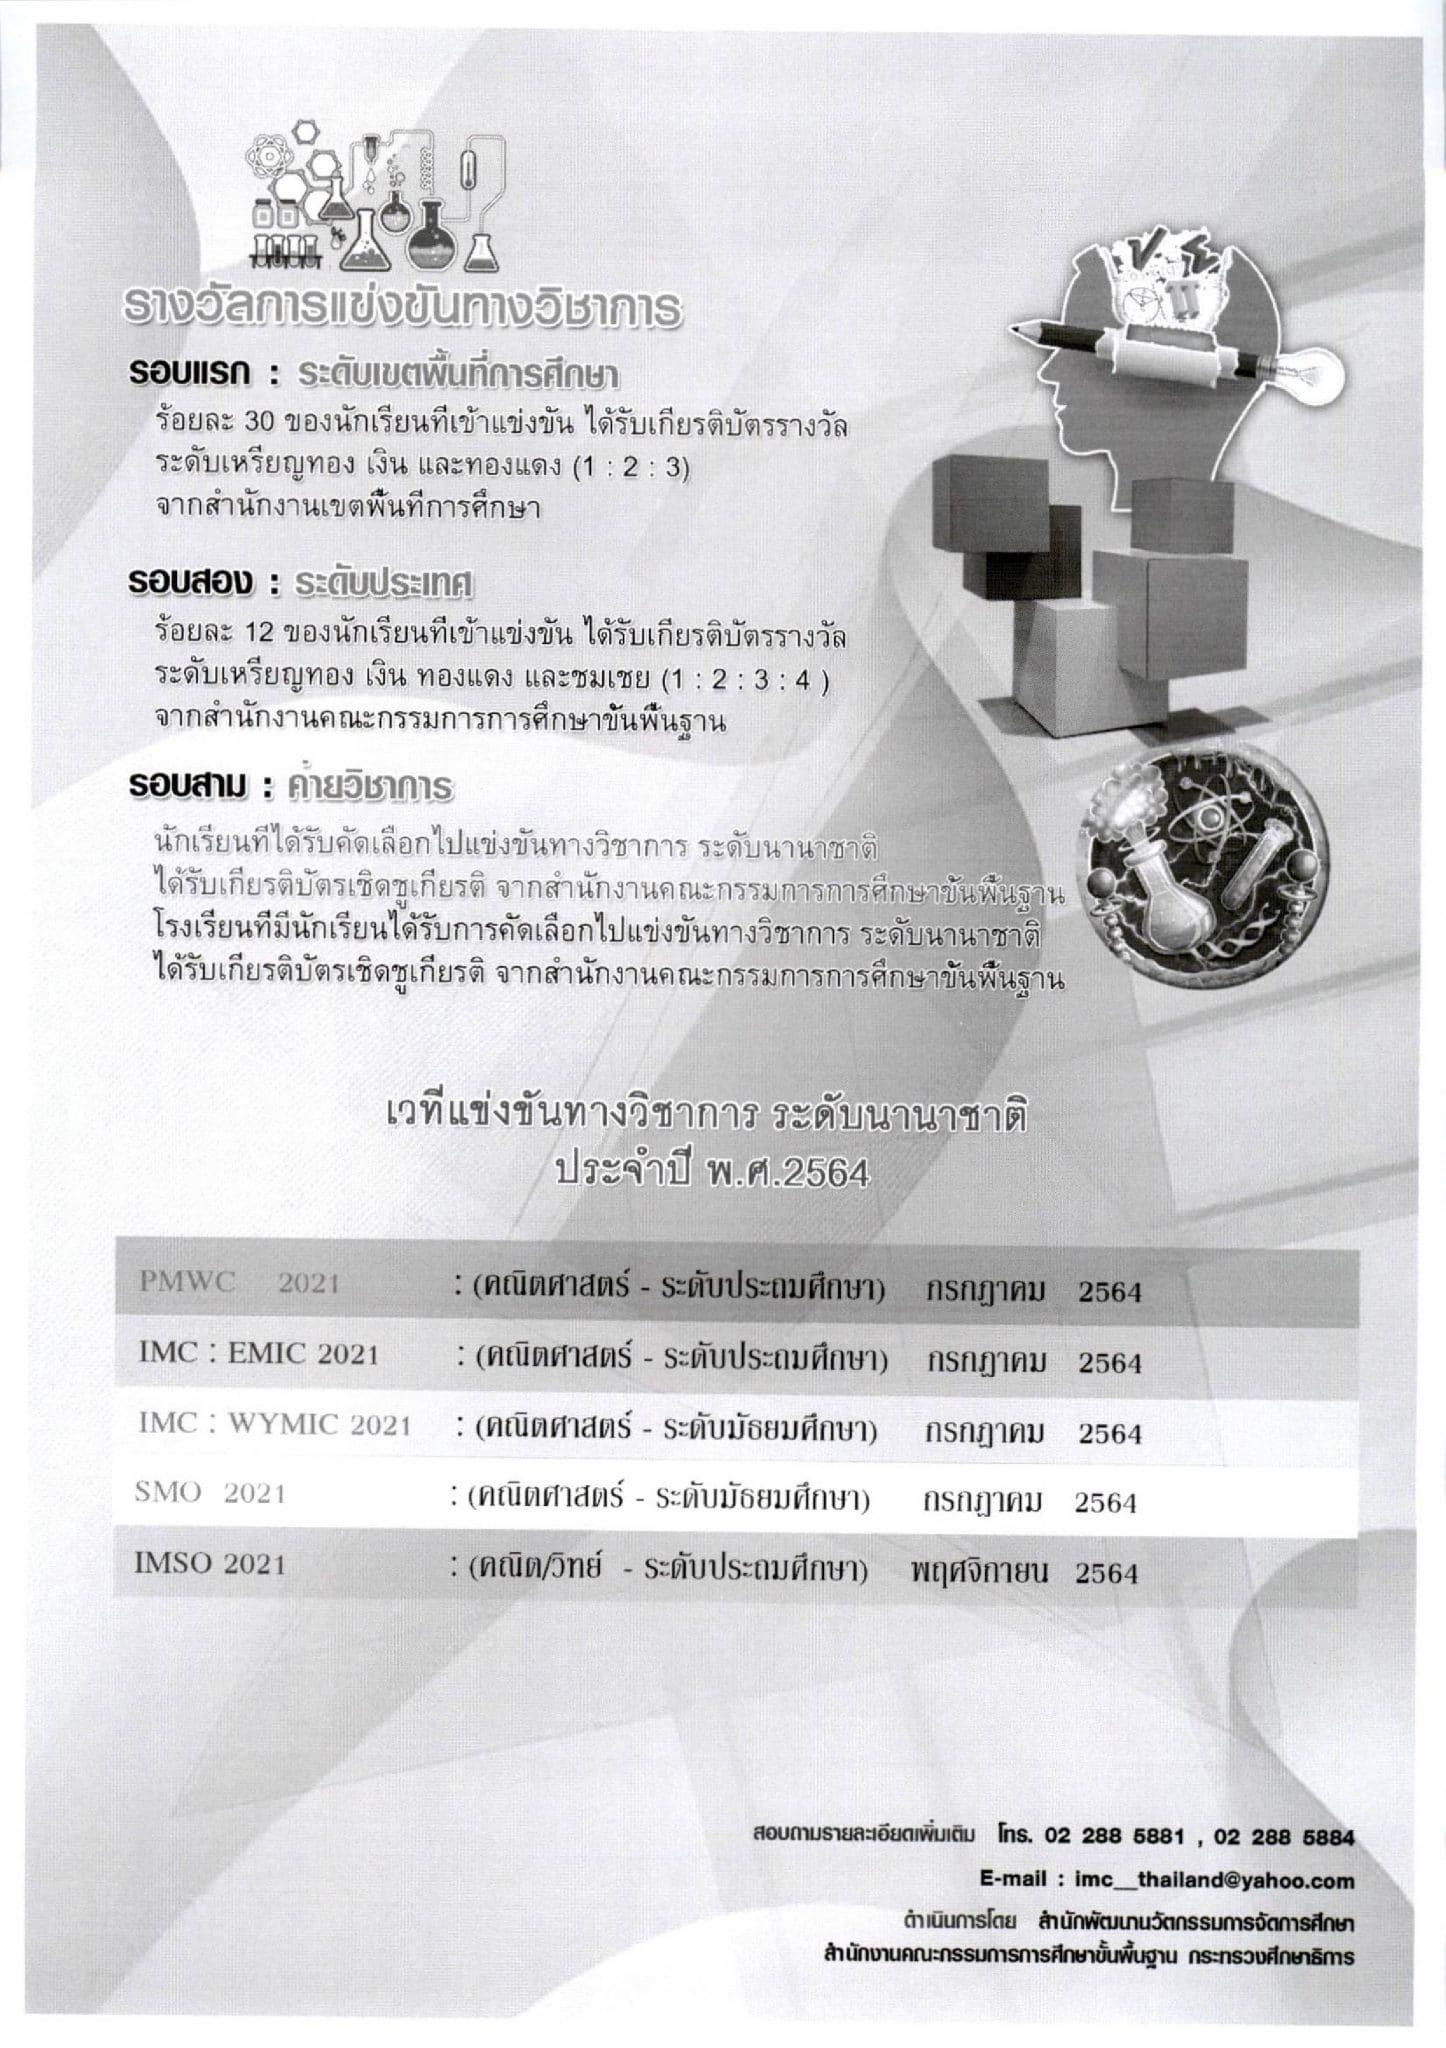 การคัดเลือกนักเรียนเข้าร่วมการแข่งขันวิชาการ ระดับนานาชาติ ประจำปี พ.ศ. 2564 รับสมัคร 2 ธันวาคม 2563 - 4 มกราคม 2564